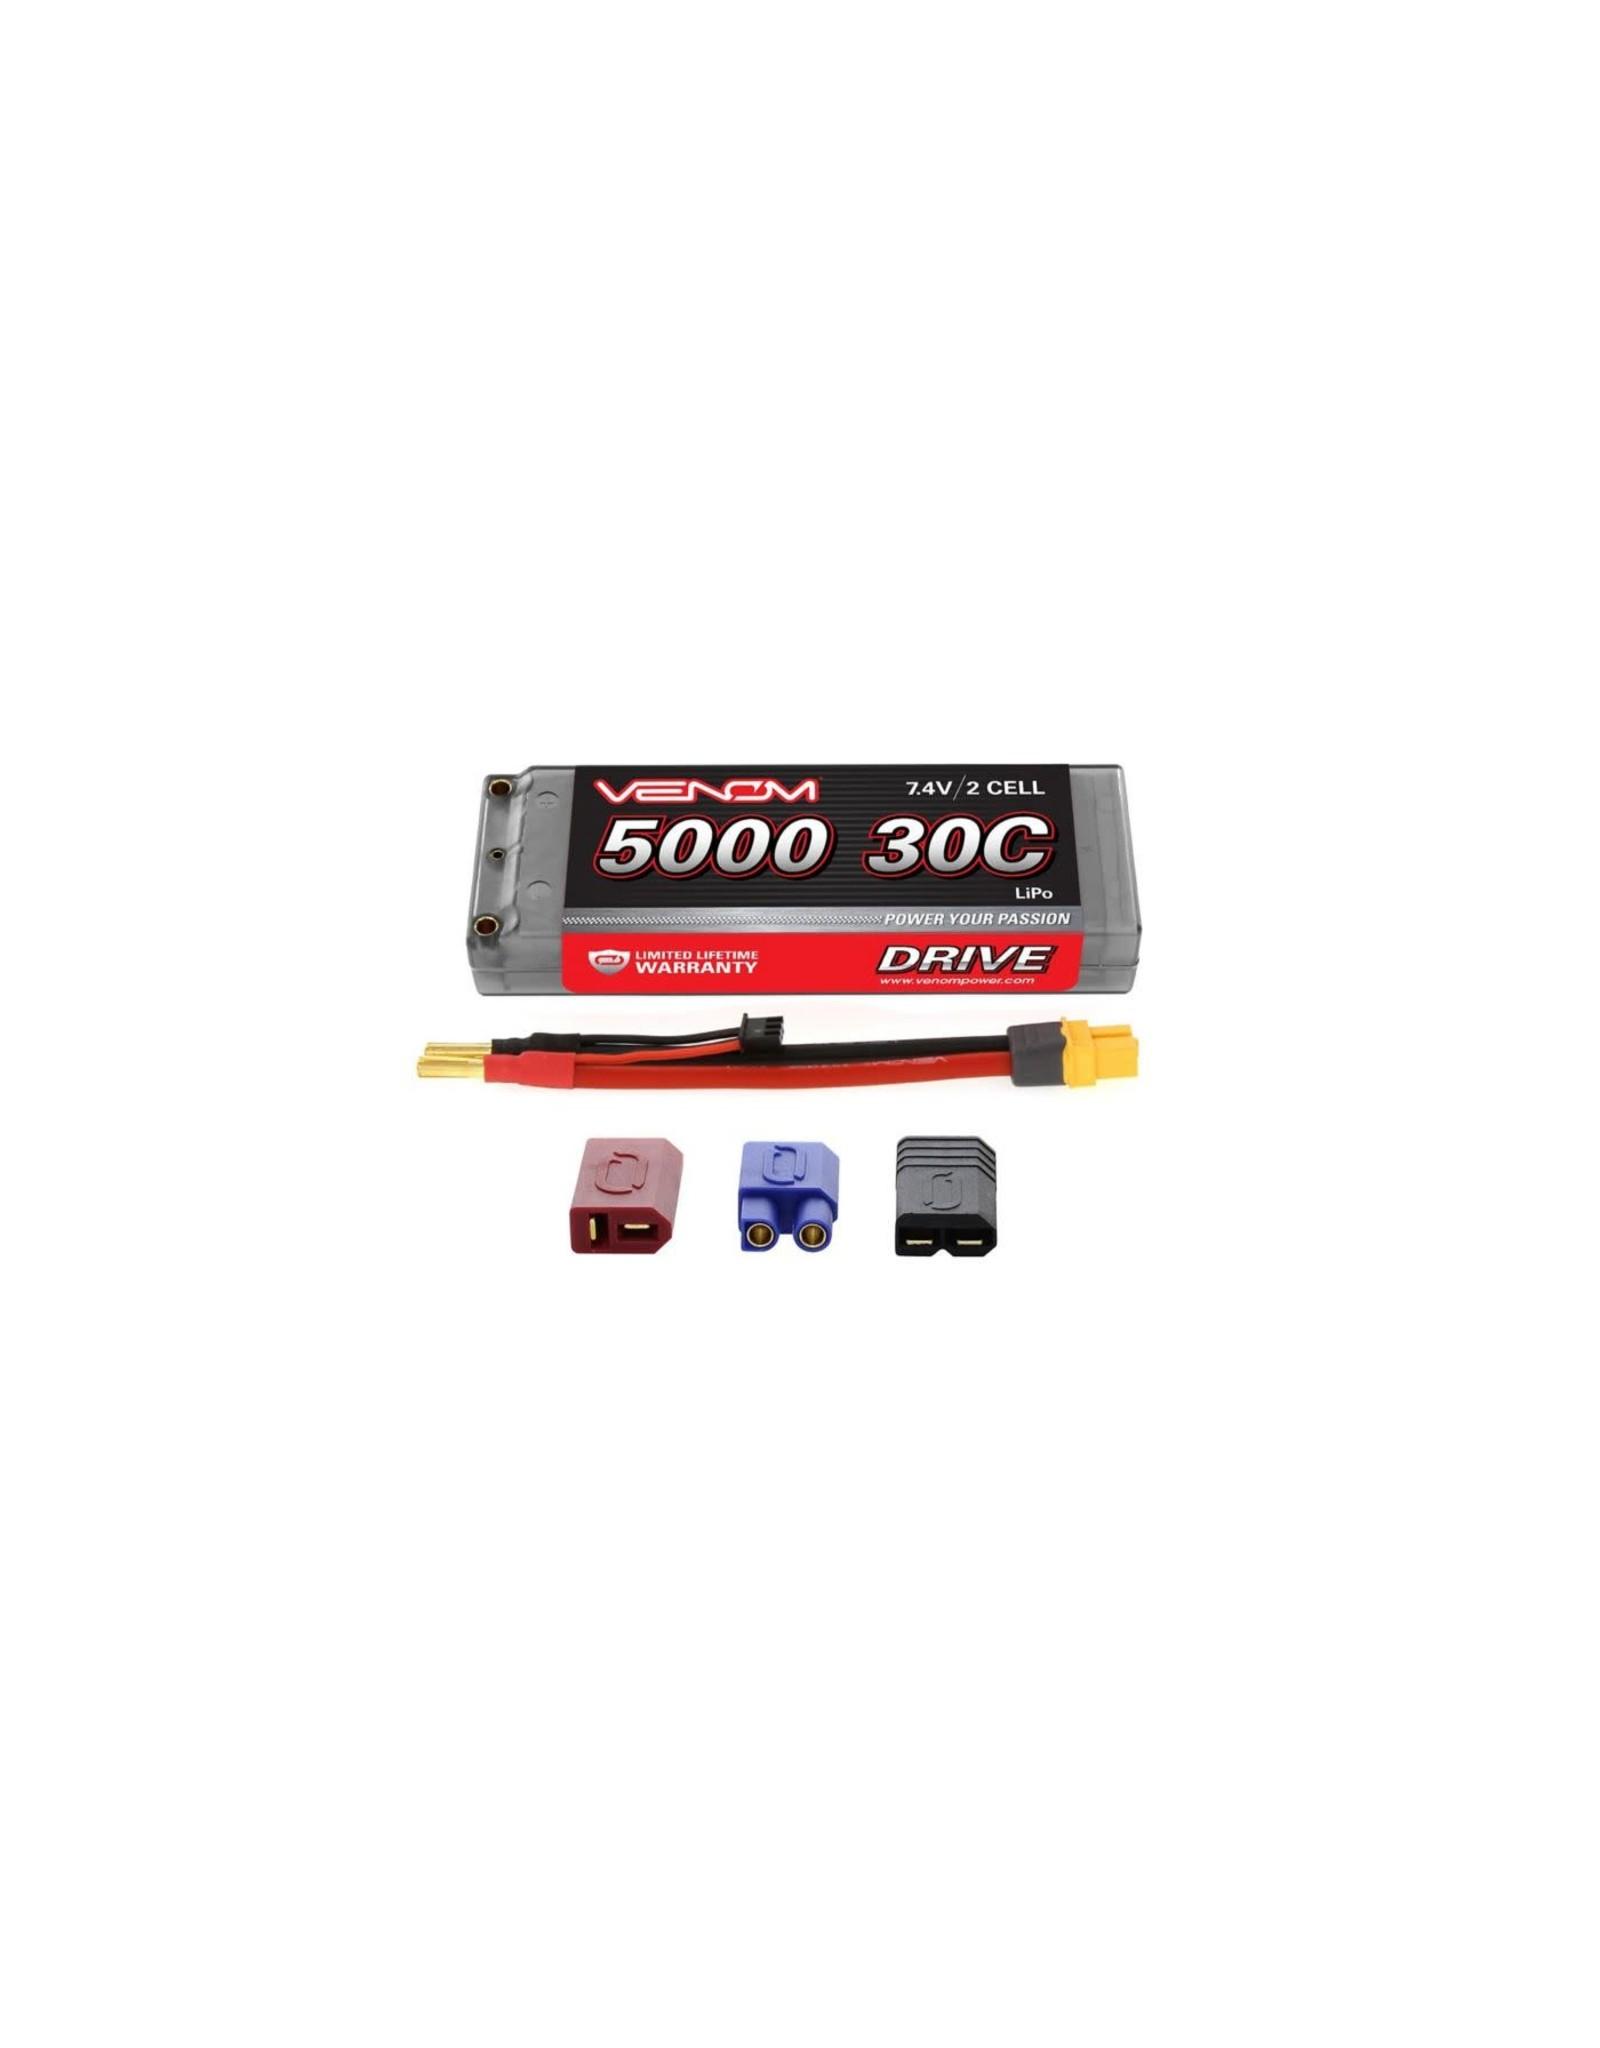 VNR 30C 7.4V 5000mAh 2S LiPo, Hardcase: UNI Plug